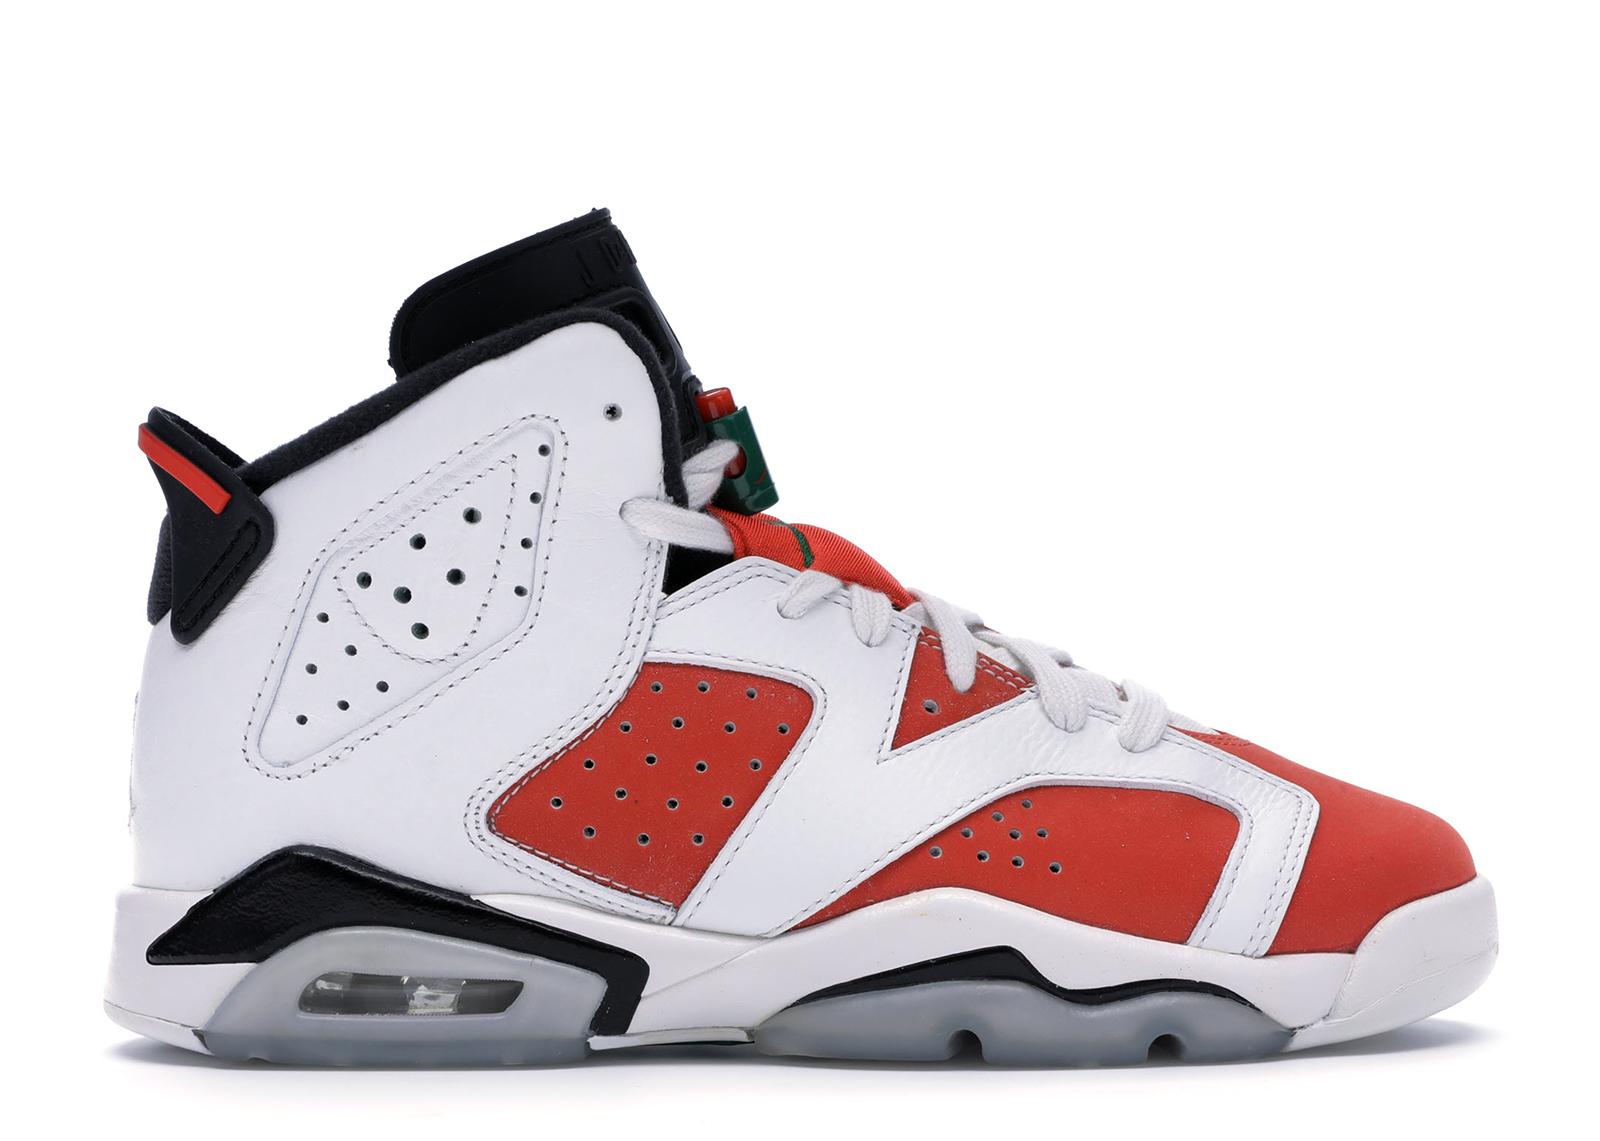 separation shoes 19f20 e8d17 HypeAnalyzer · Jordan 6 Retro Gatorade Like Mike White (GS)